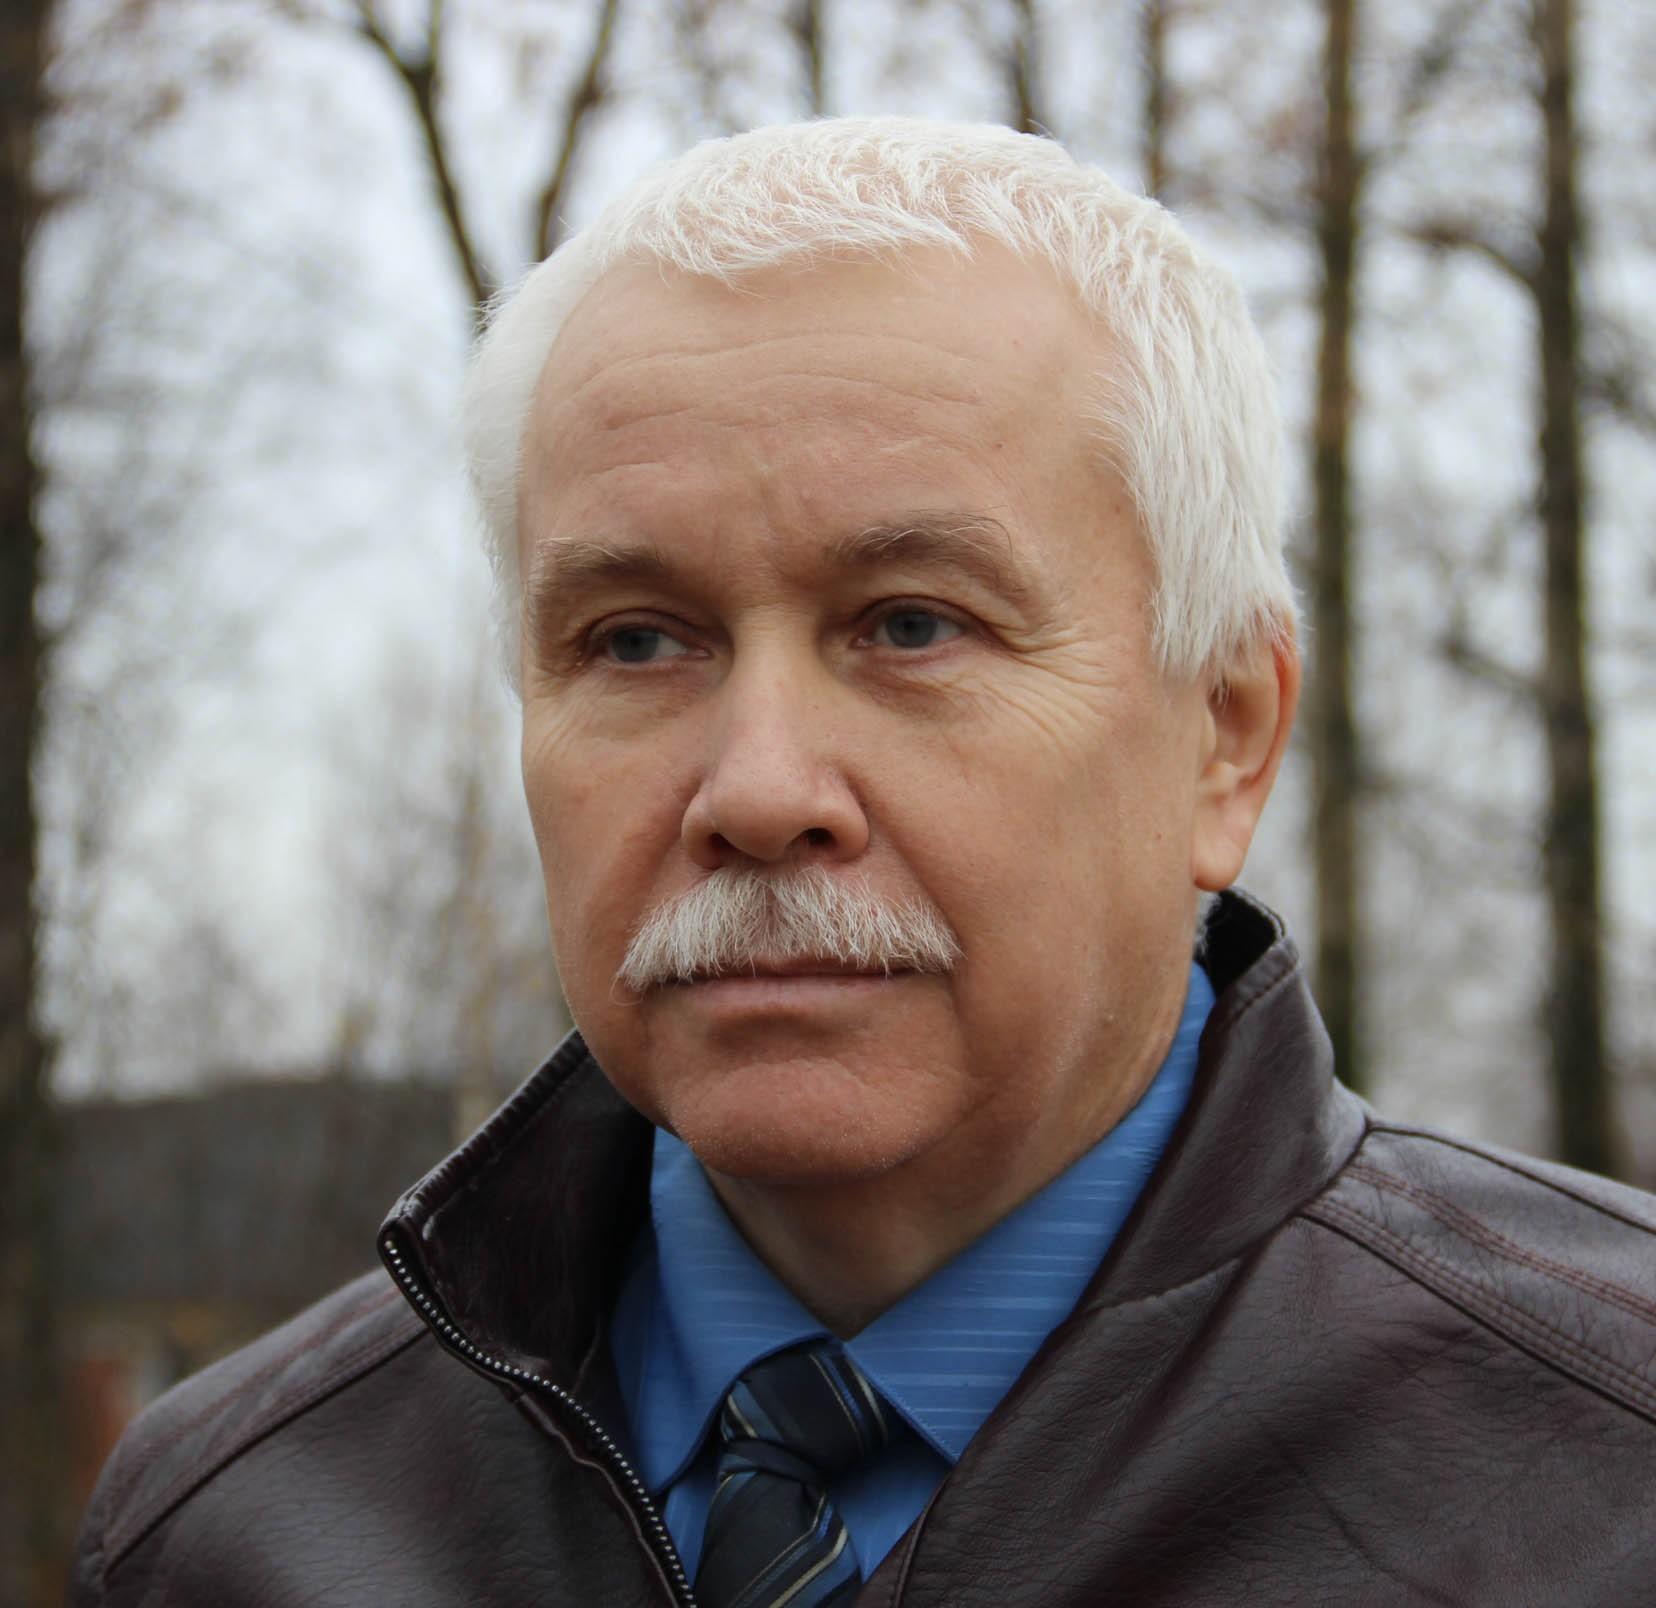 Юрий Ануфриев: мы добьёмся результата только совместным трудом